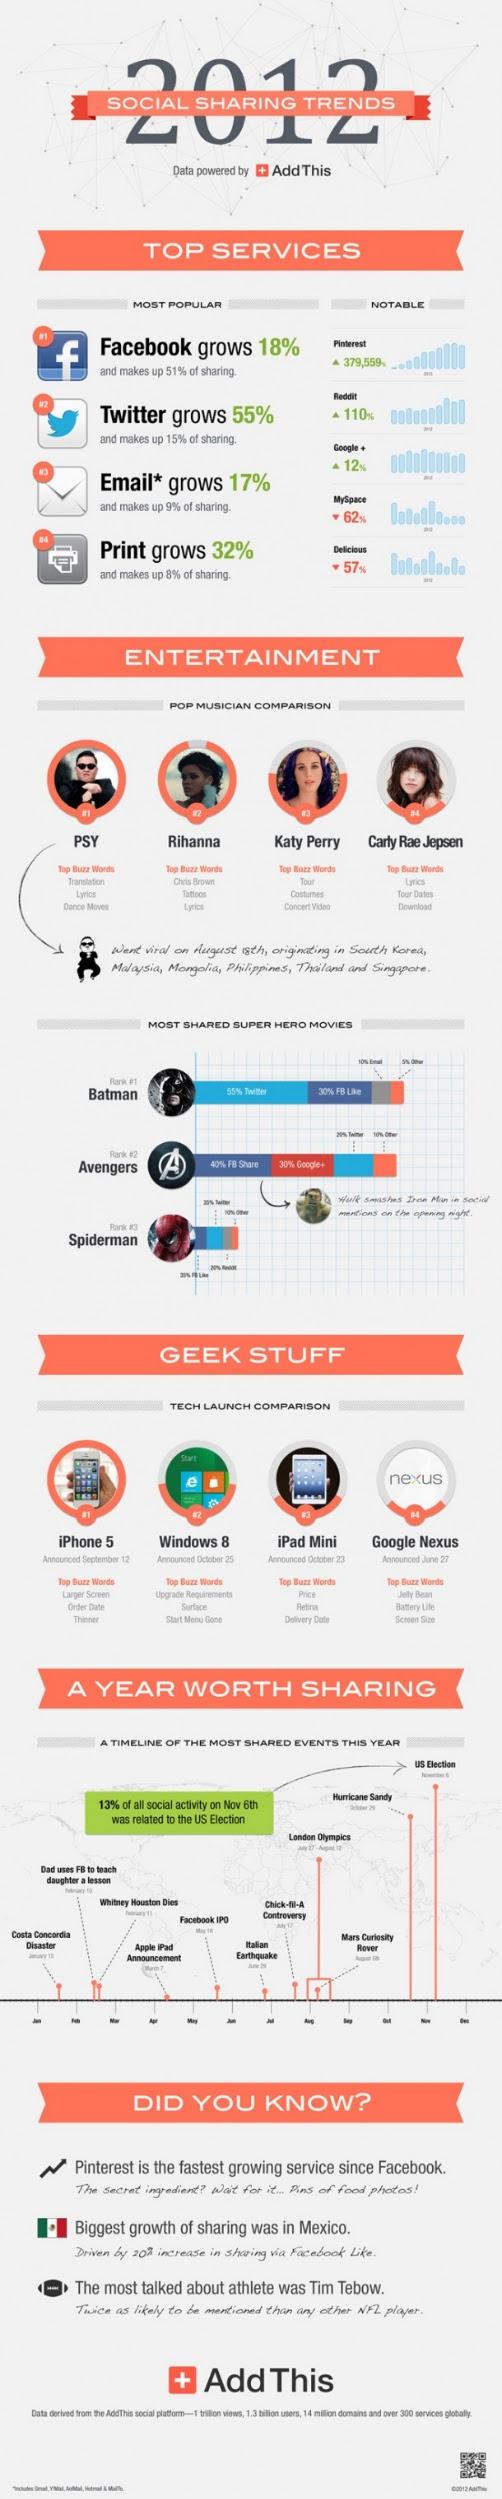 mas compartido popular redes sociales 2012